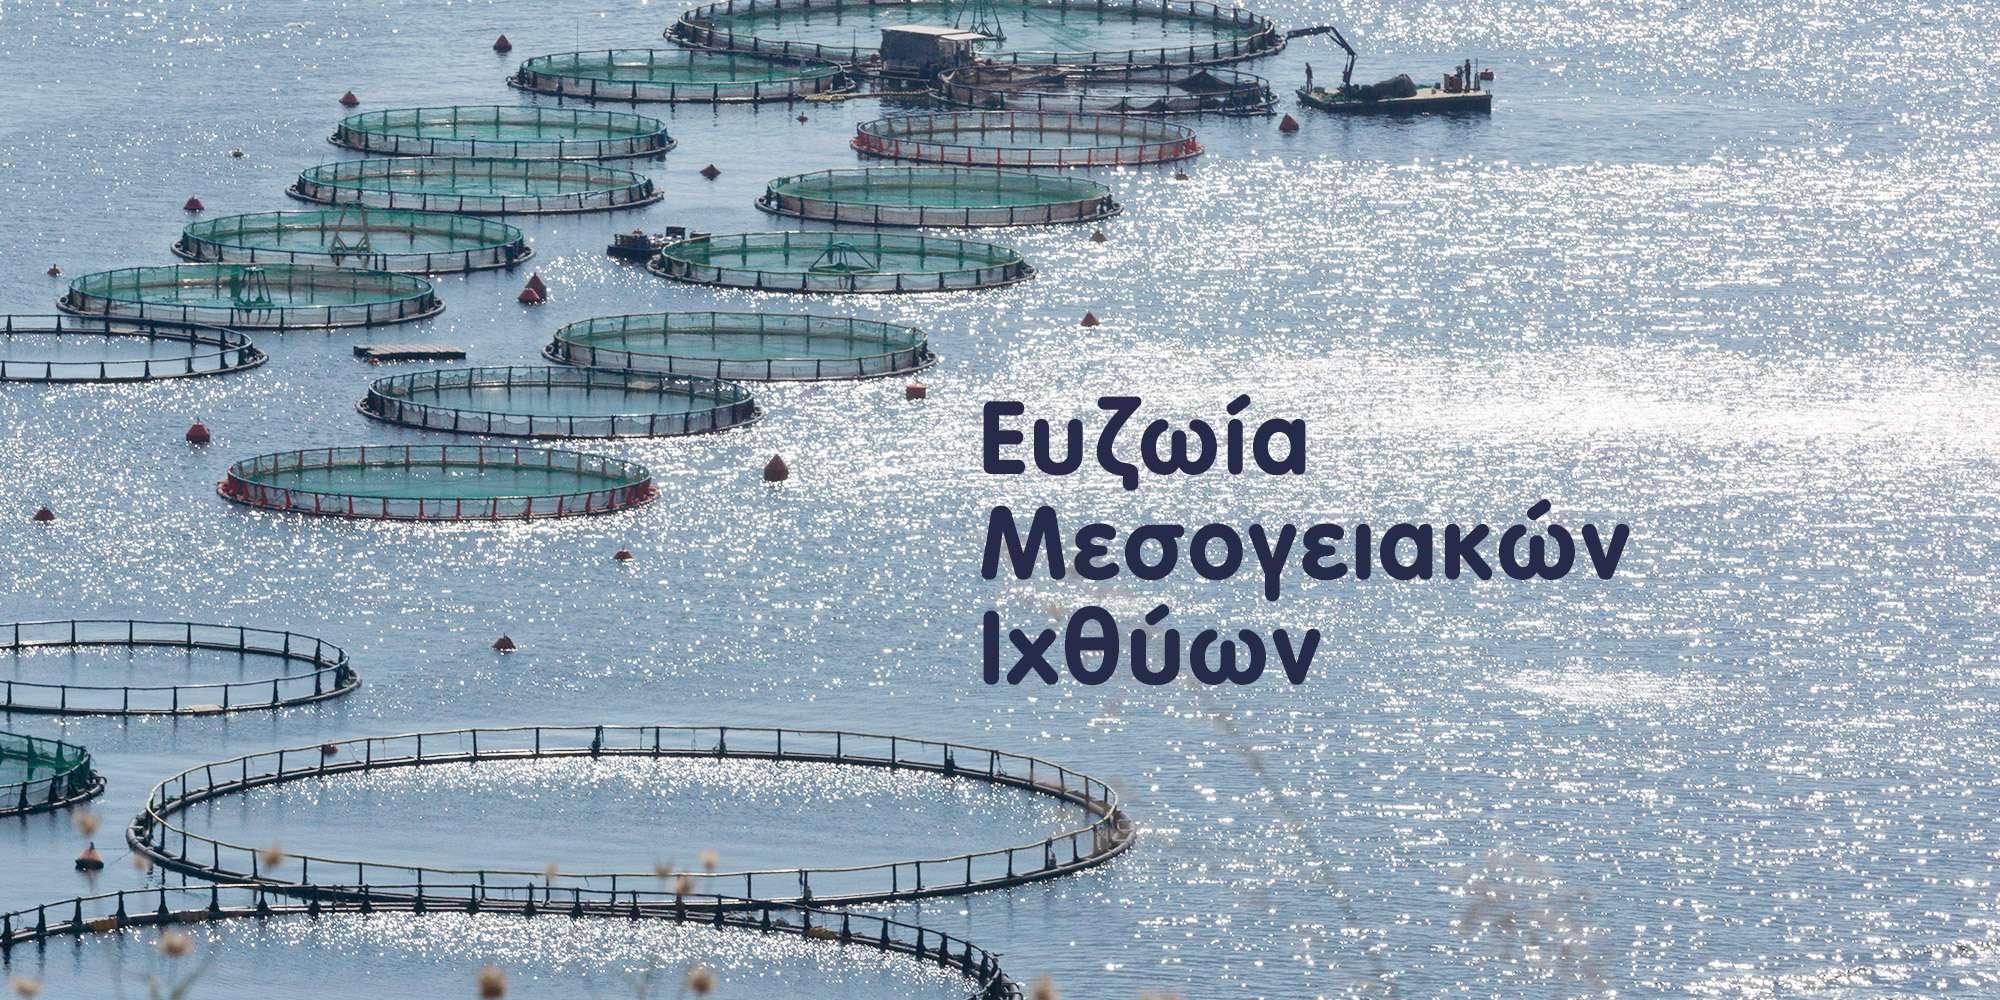 Κλωβοί ελληνικής ιχθυοκαλλιέργειας - Ευζωία Μεσογειακών Ιχθύων